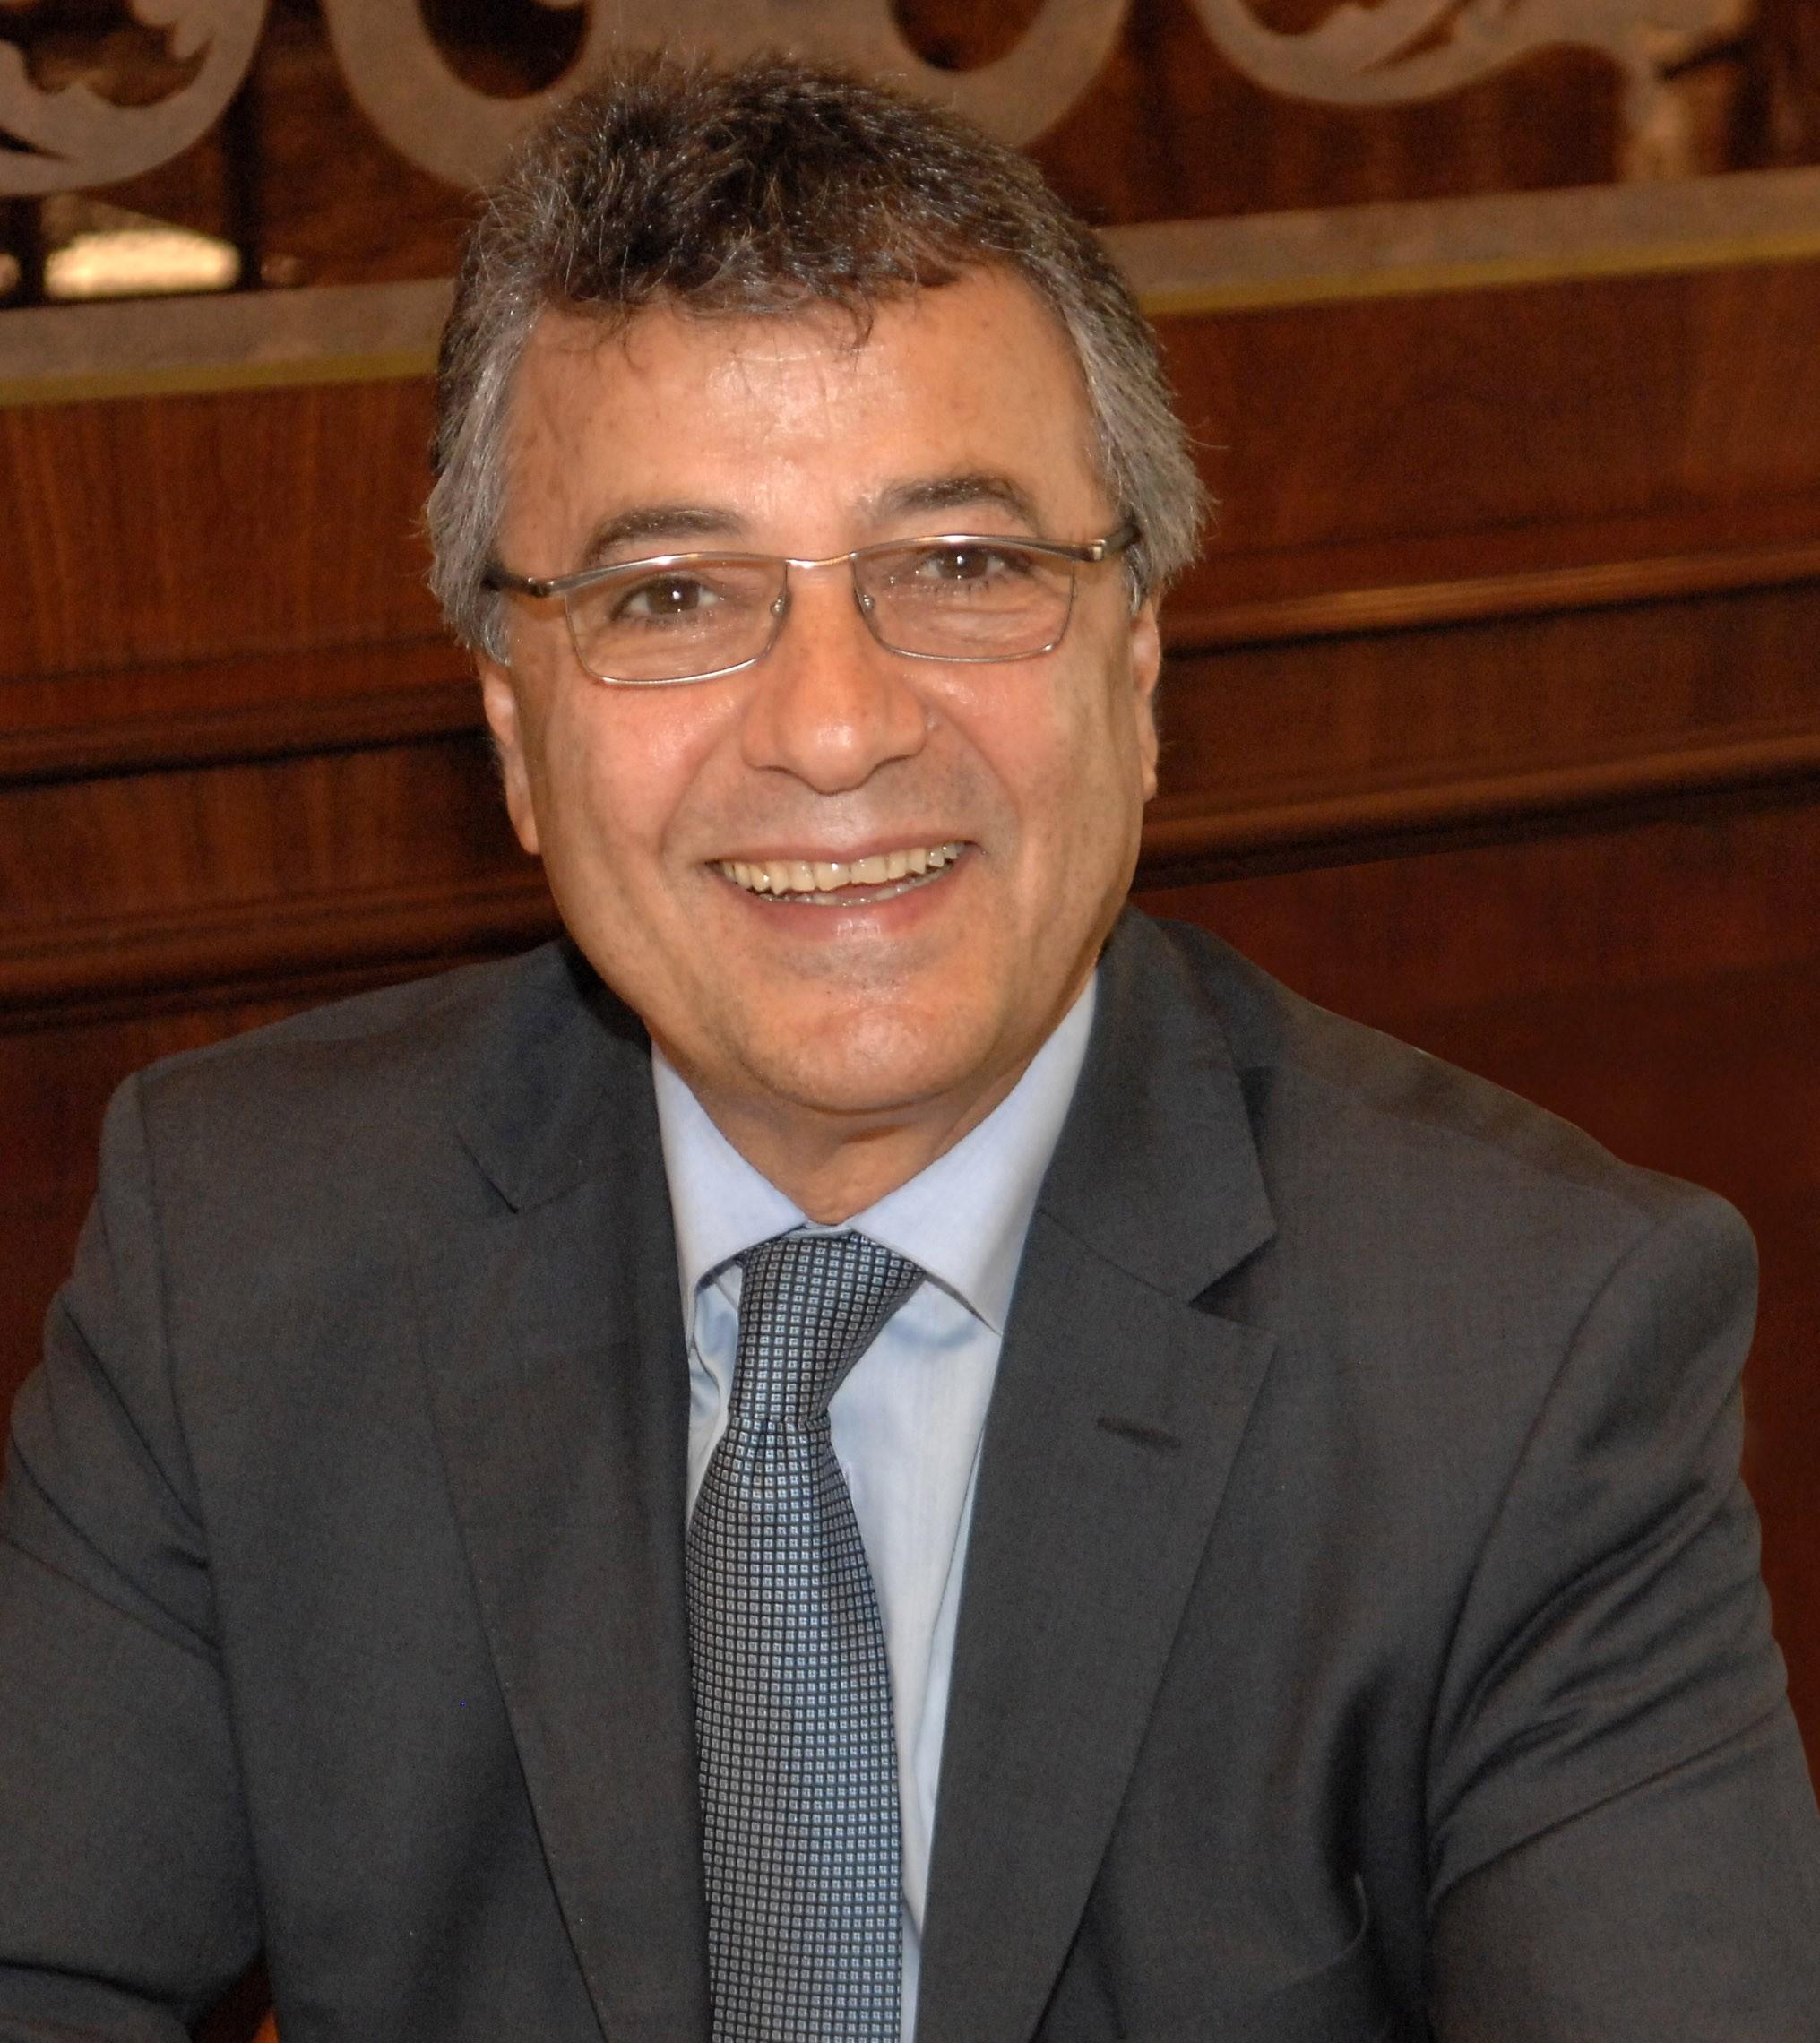 Talal El Makdessi